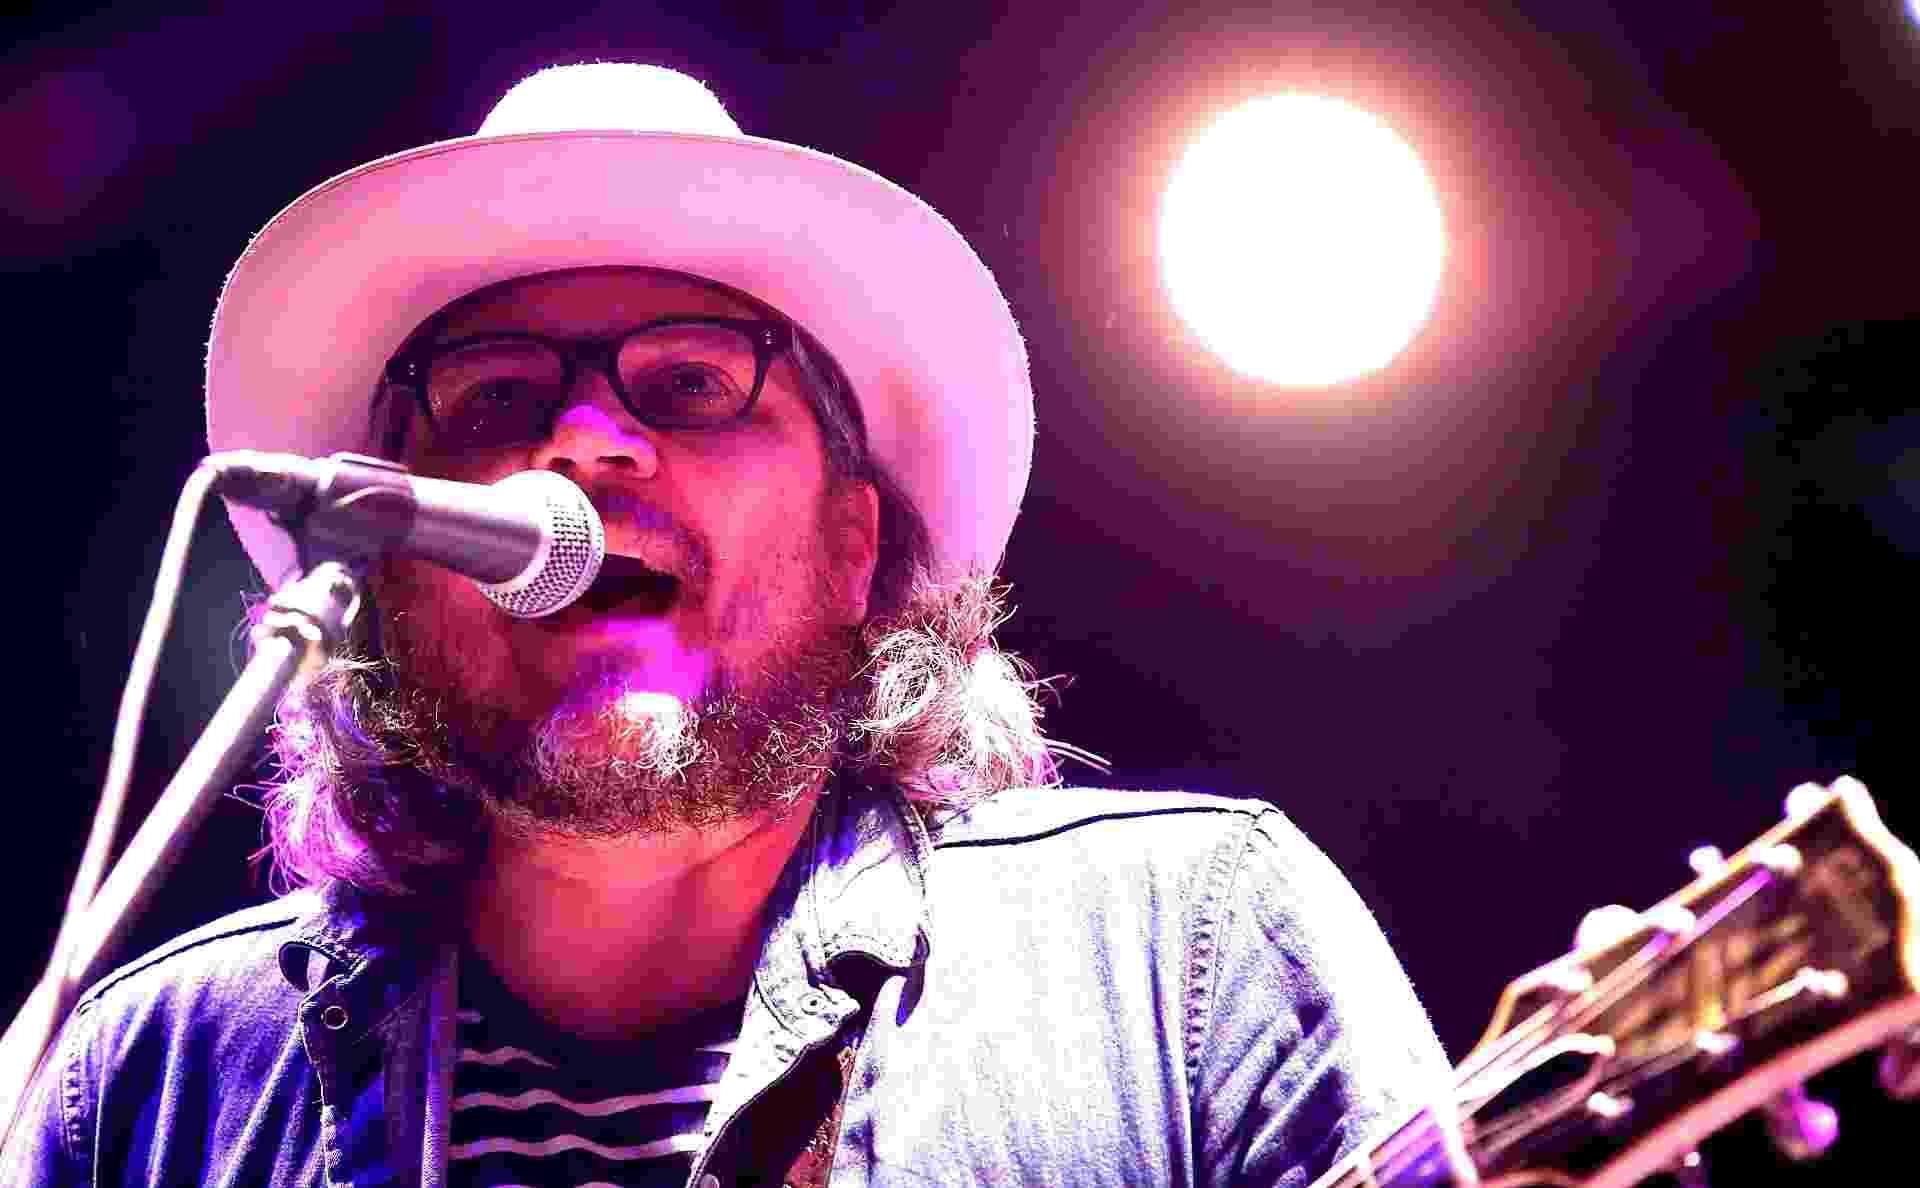 8.out.2016 - Com ingressos esgostados, Wilco faz show no Popload Festival em São Paulo - Flávio Florido/UOL